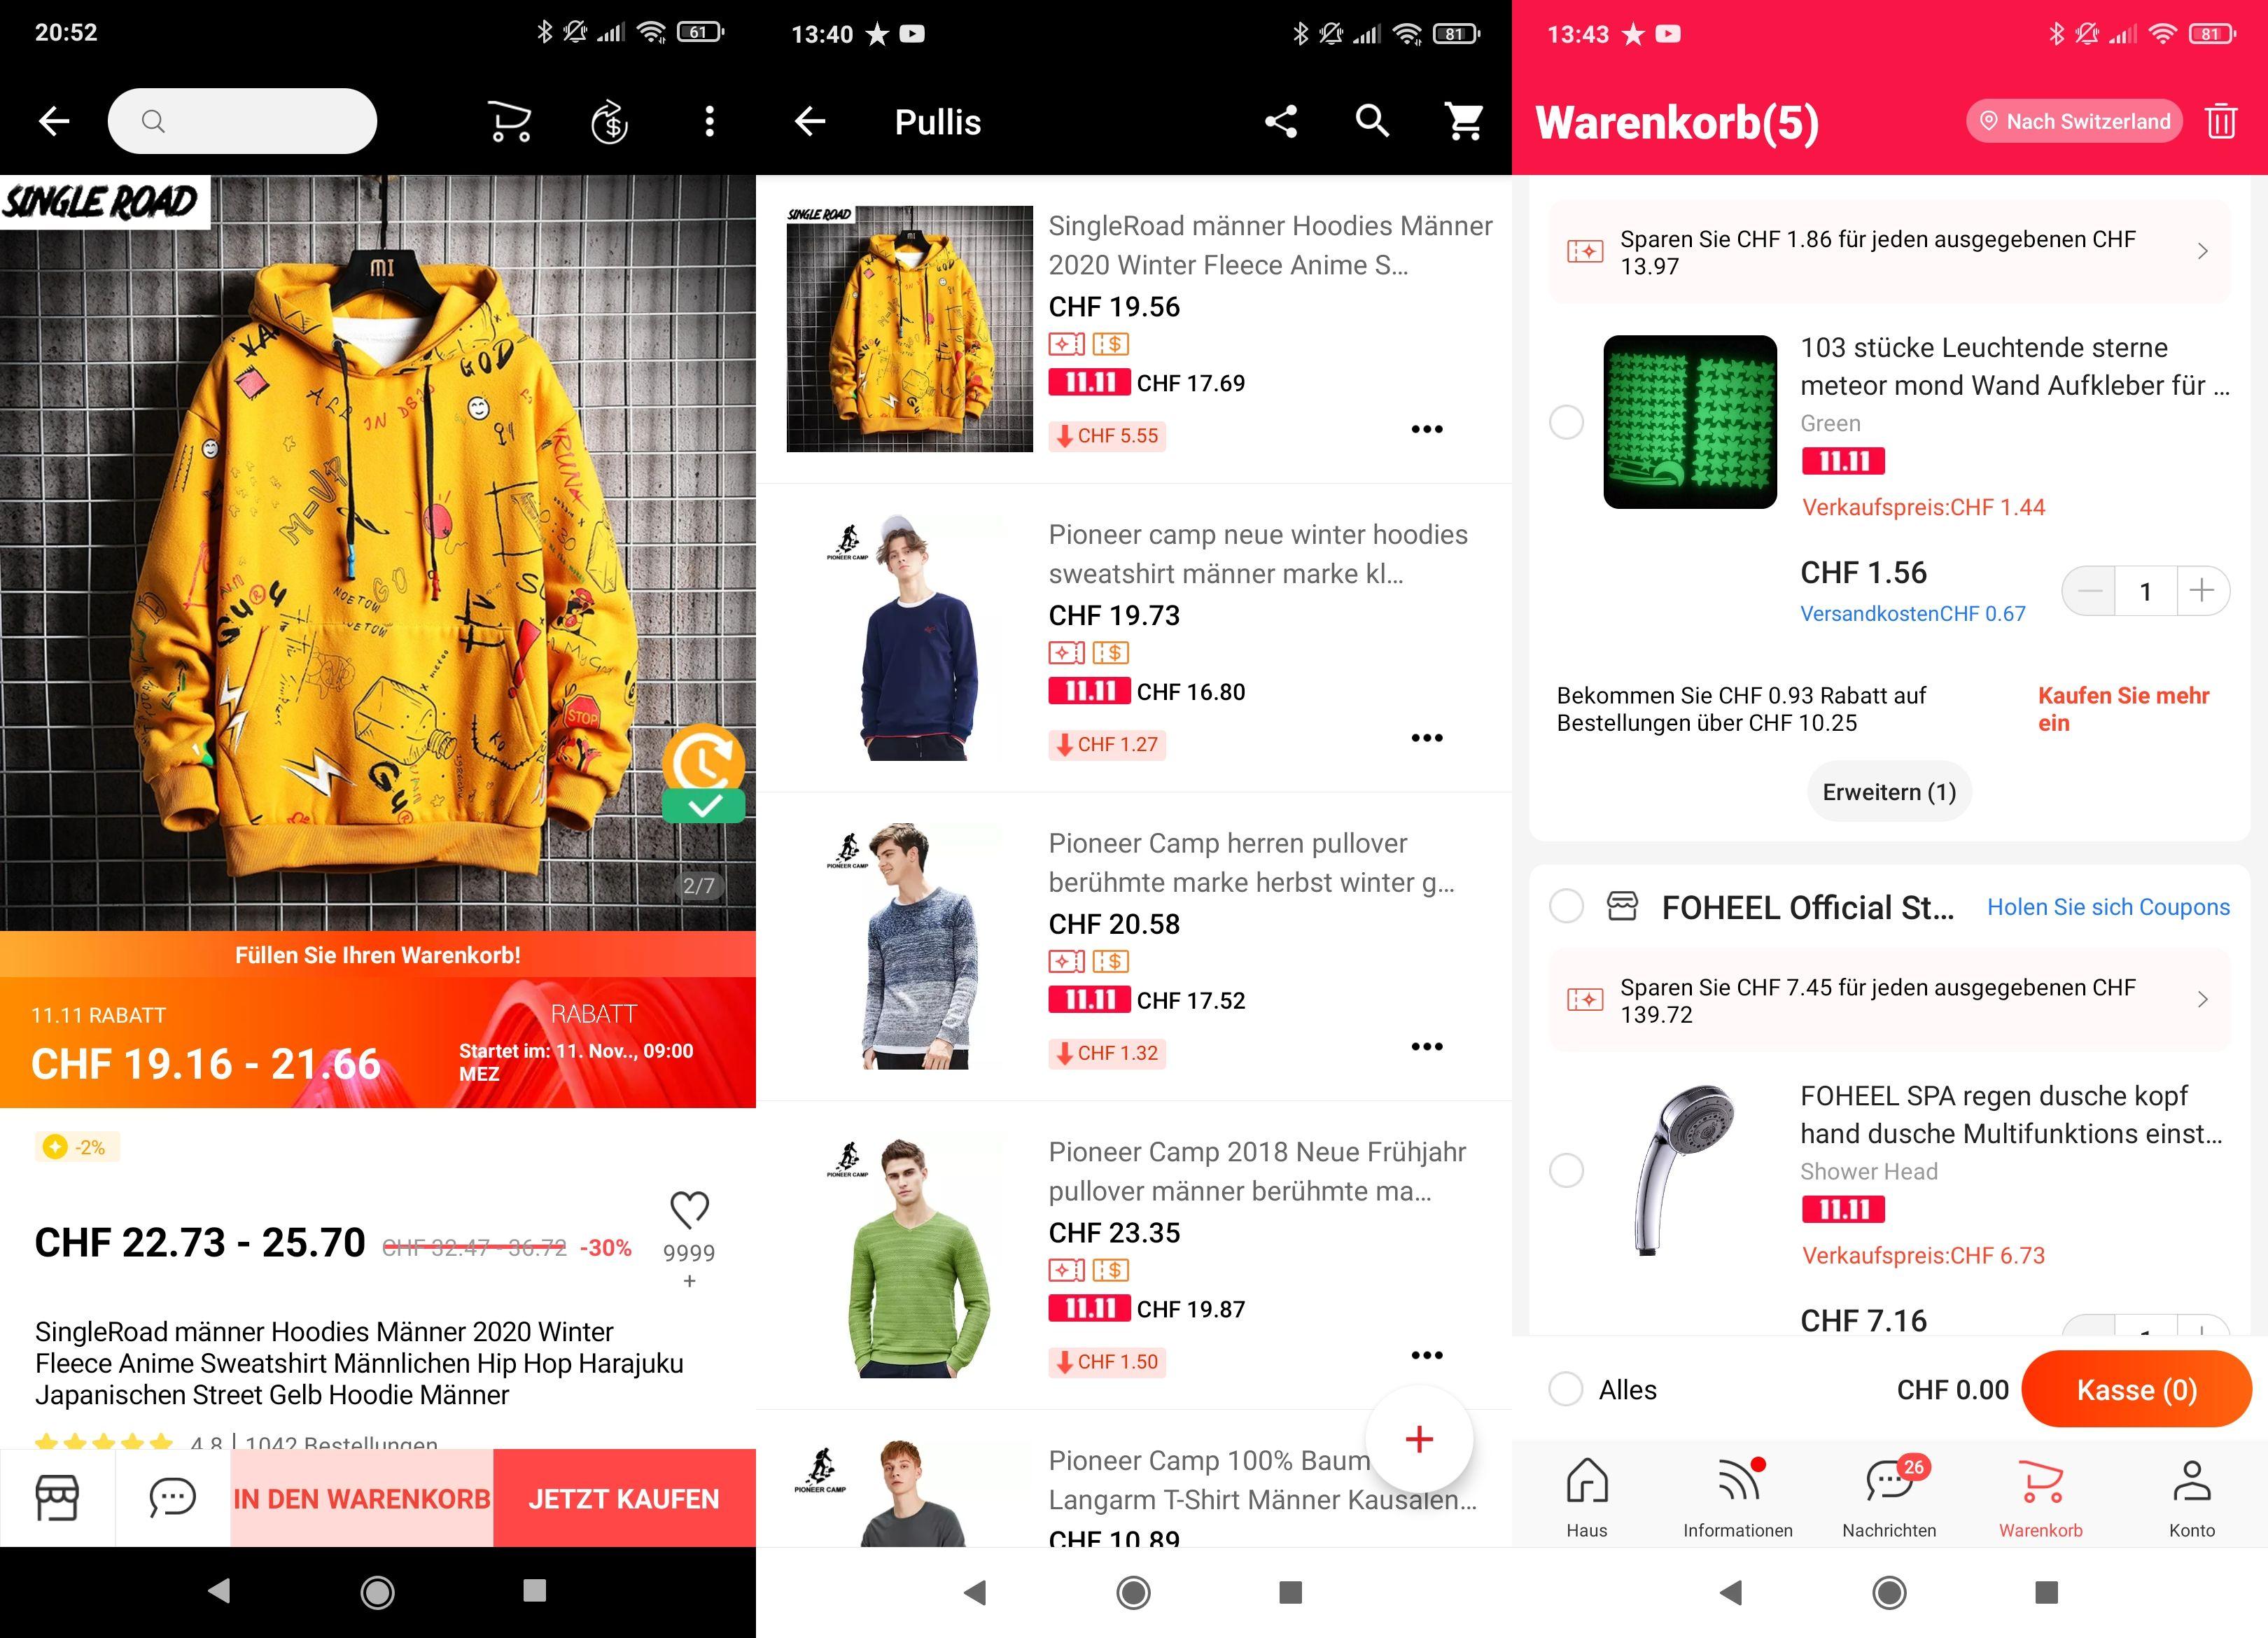 Ob beim einzelnen Produkt (links), in der Wunschliste (Mitte) oder im Warenkorb: Überall werden die möglichen Ersparnisse angezeigt. Im Warenkorb wird zusätzlich auf mögliche Zusatzersparnisse hingewiesen, die man erzielen kann, wenn man beim jeweiligen Shop noch mehr einkauft.